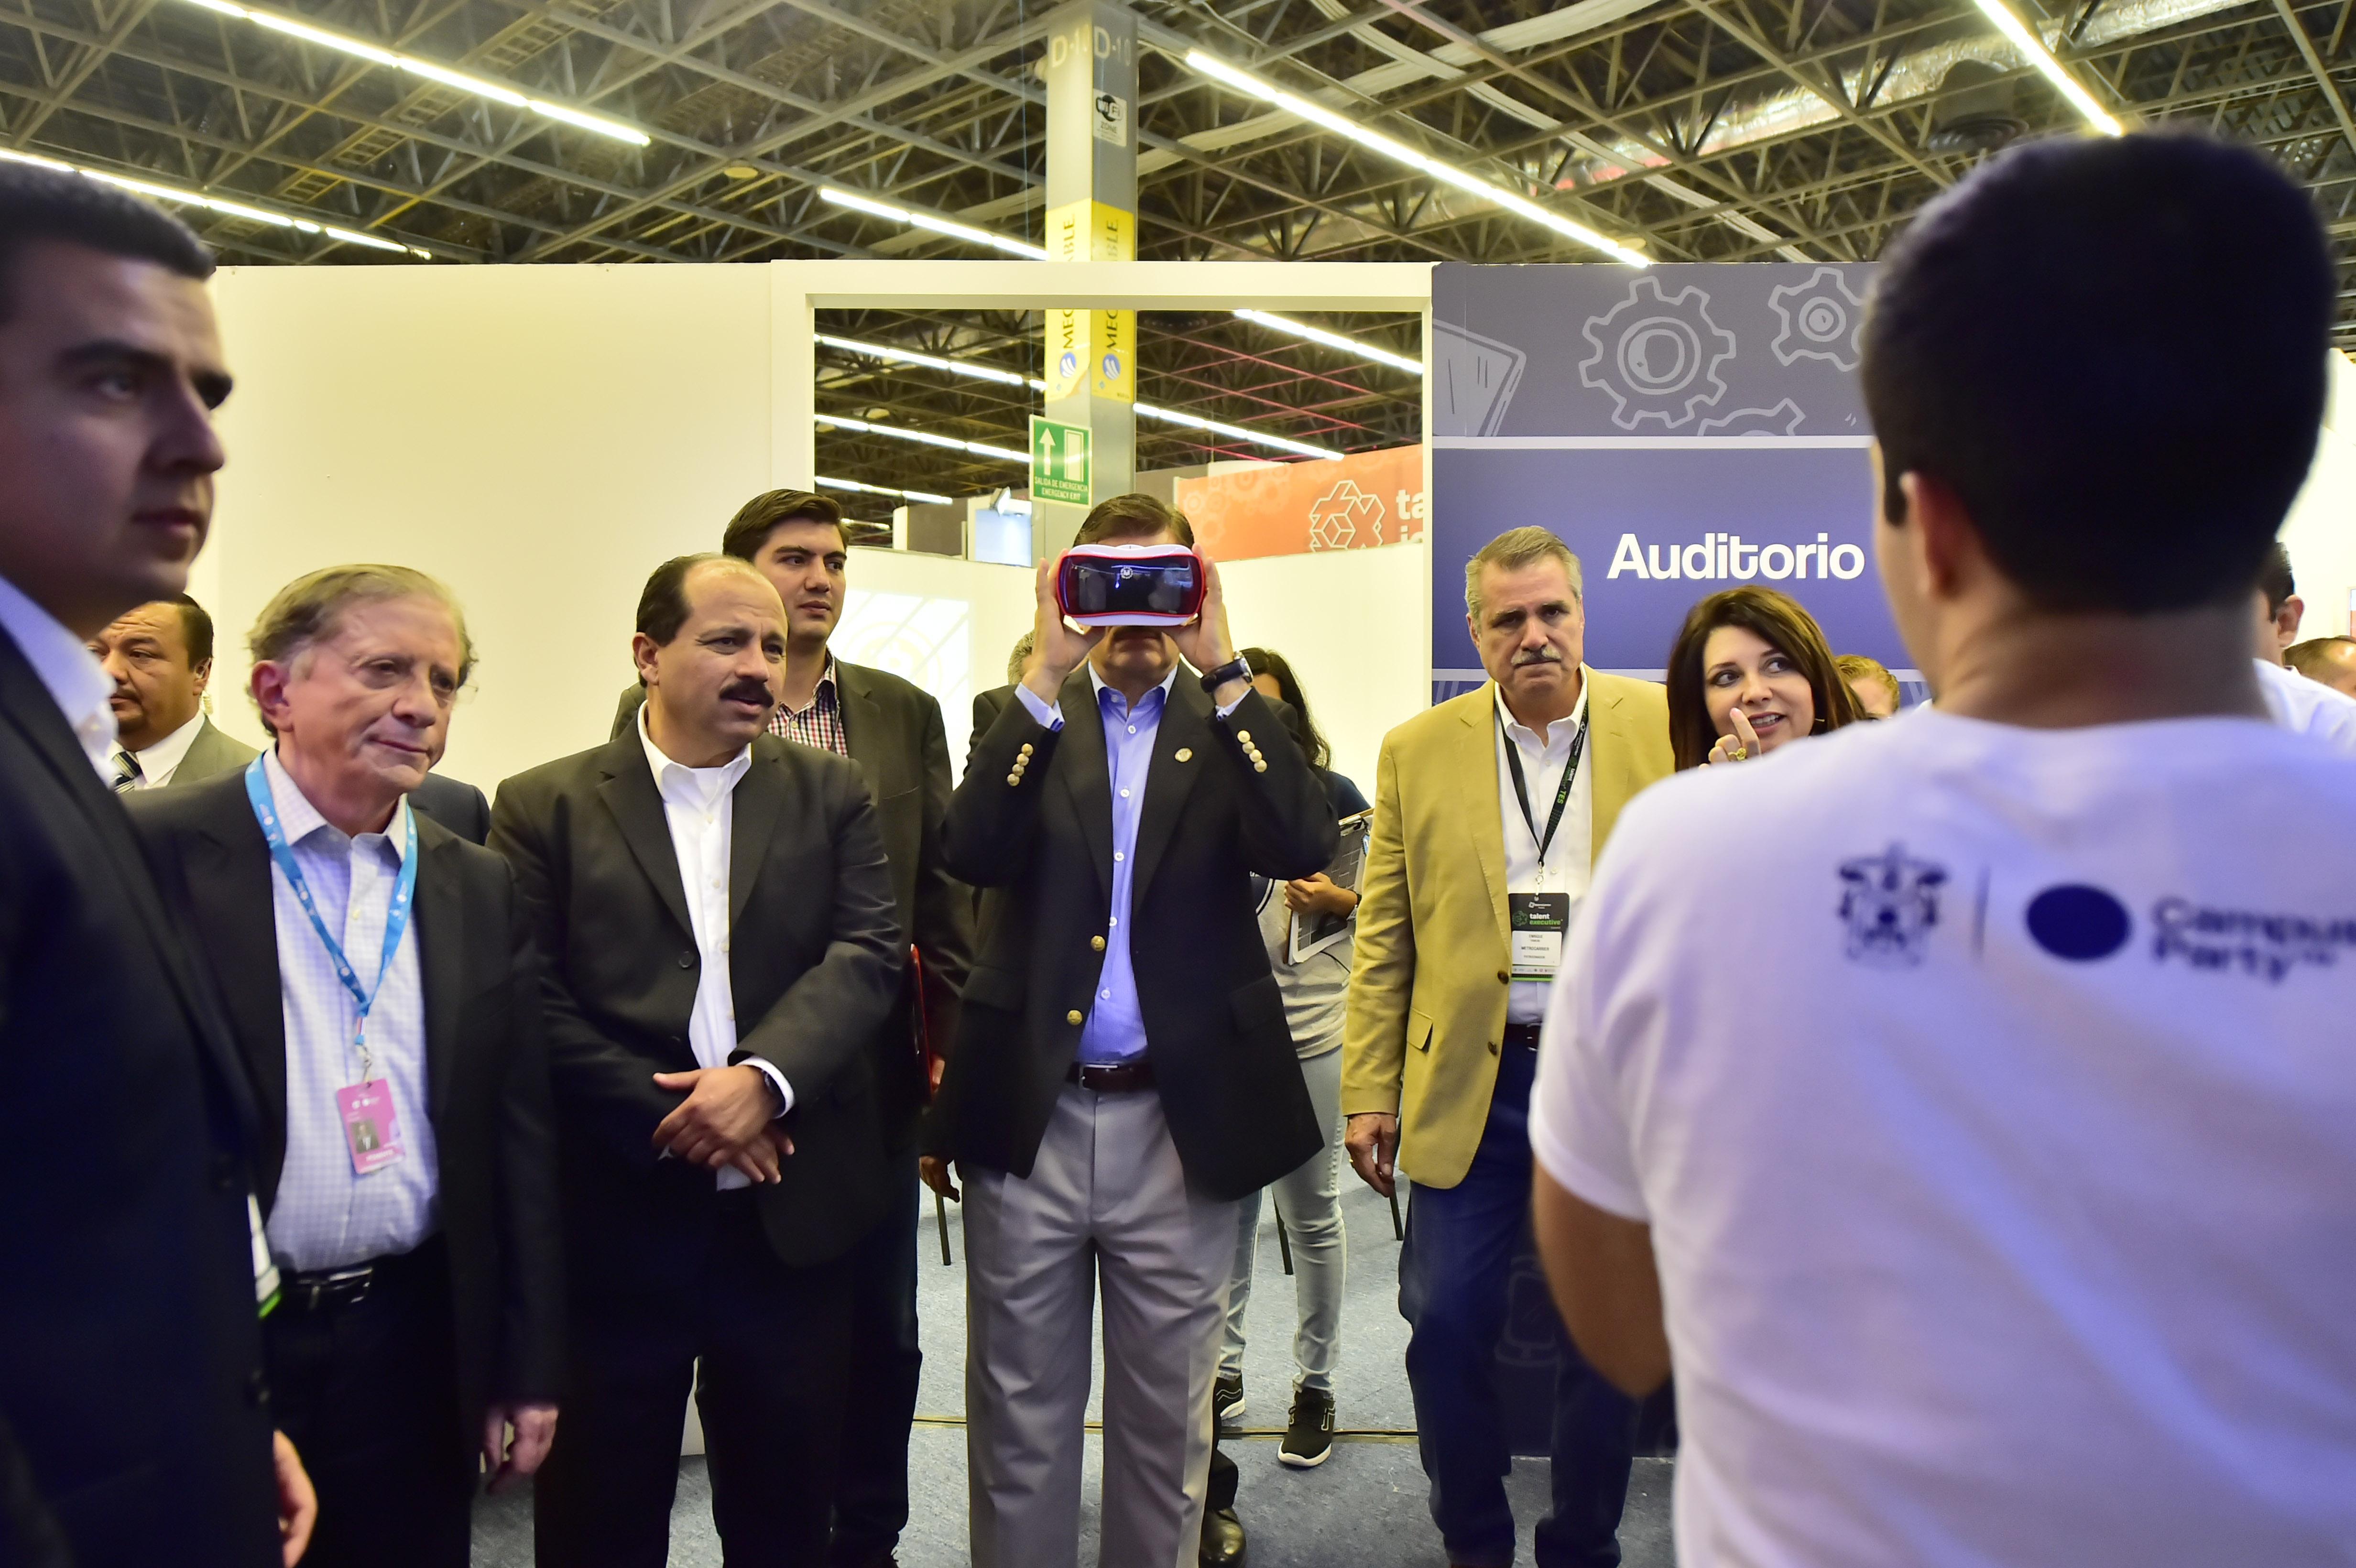 Rector General de la UdeG, maestro Itzcóatl Tonatiuh Bravo Padilla observando por lentes de realidad virtual